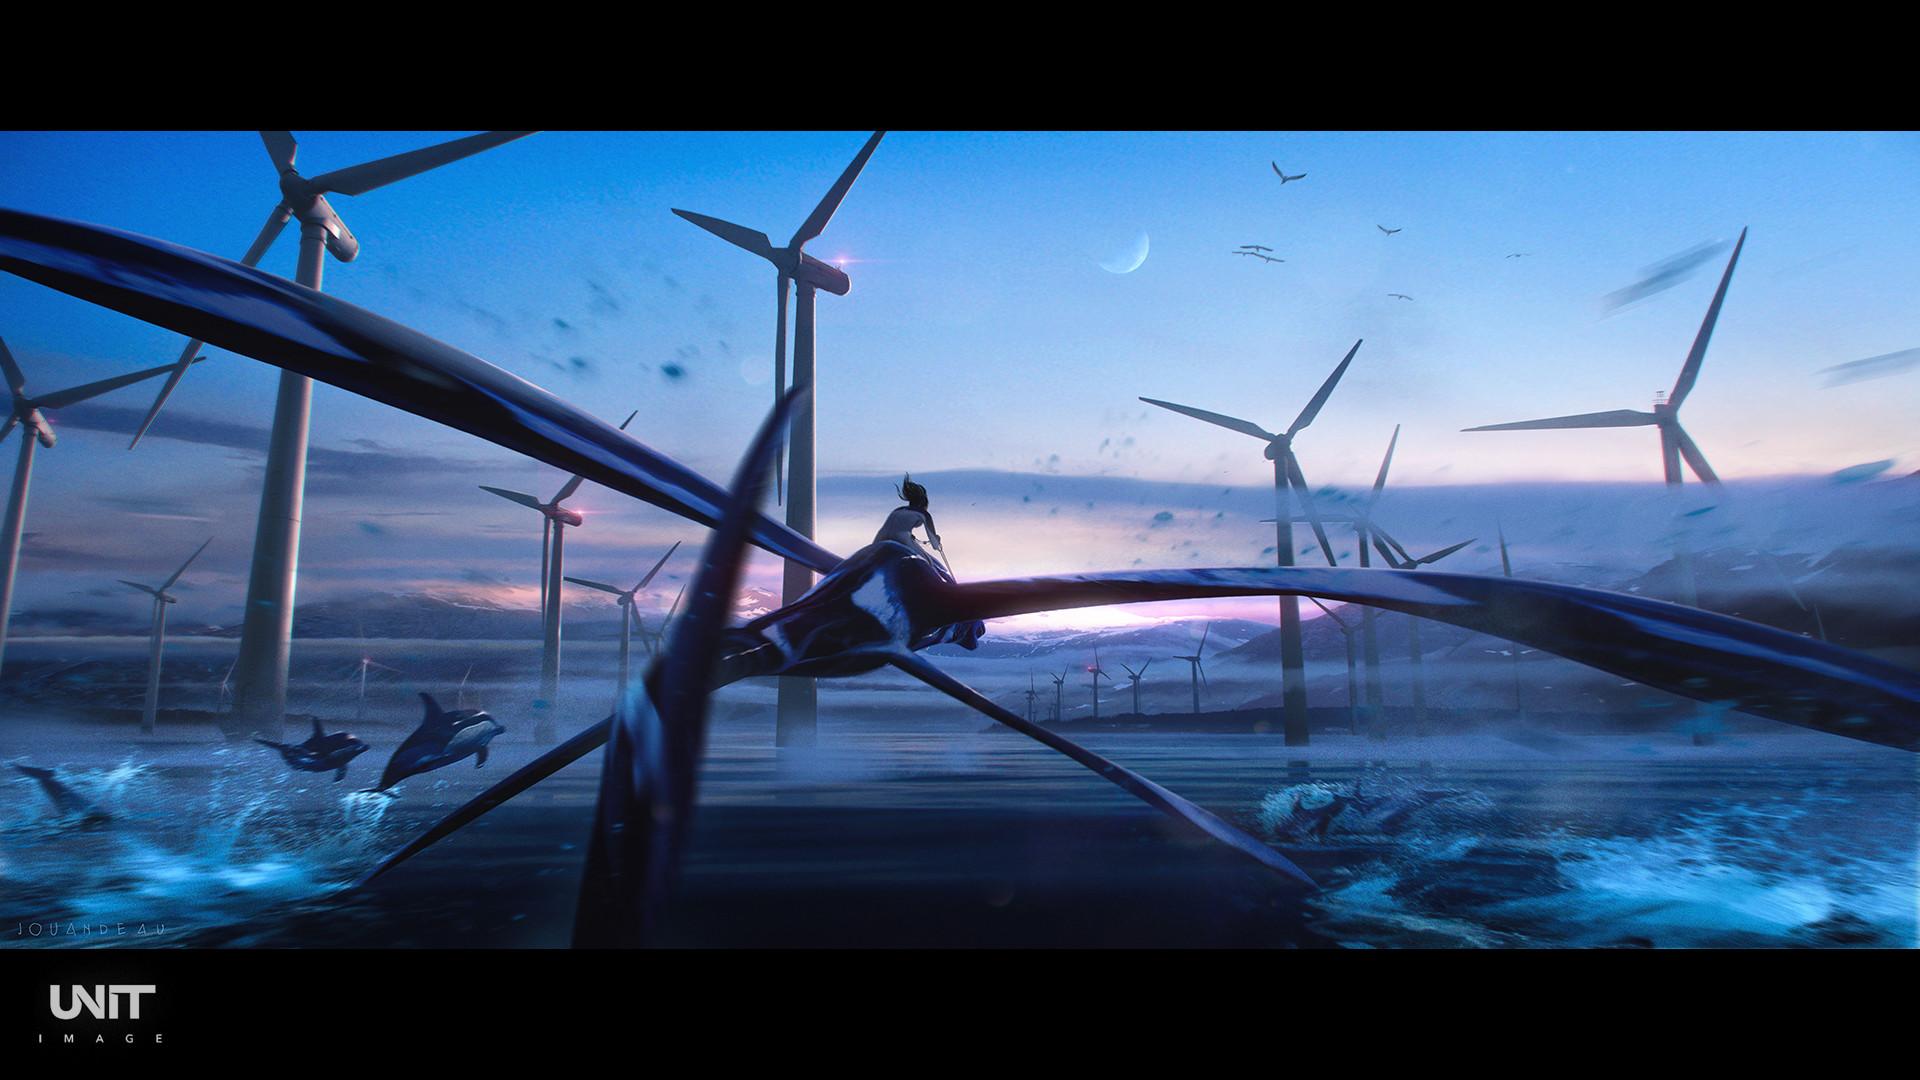 Romain jouandeau concept unit web 01